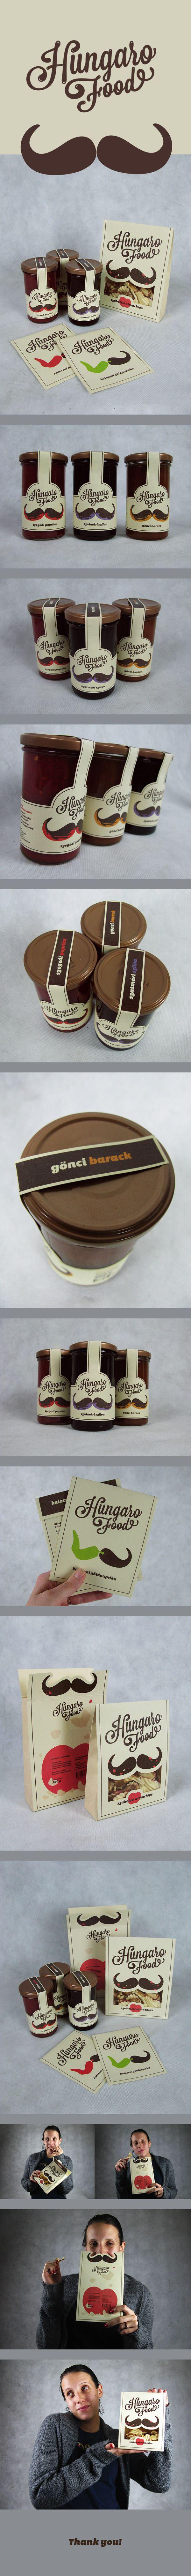 HungaroFood Brand&Packaging